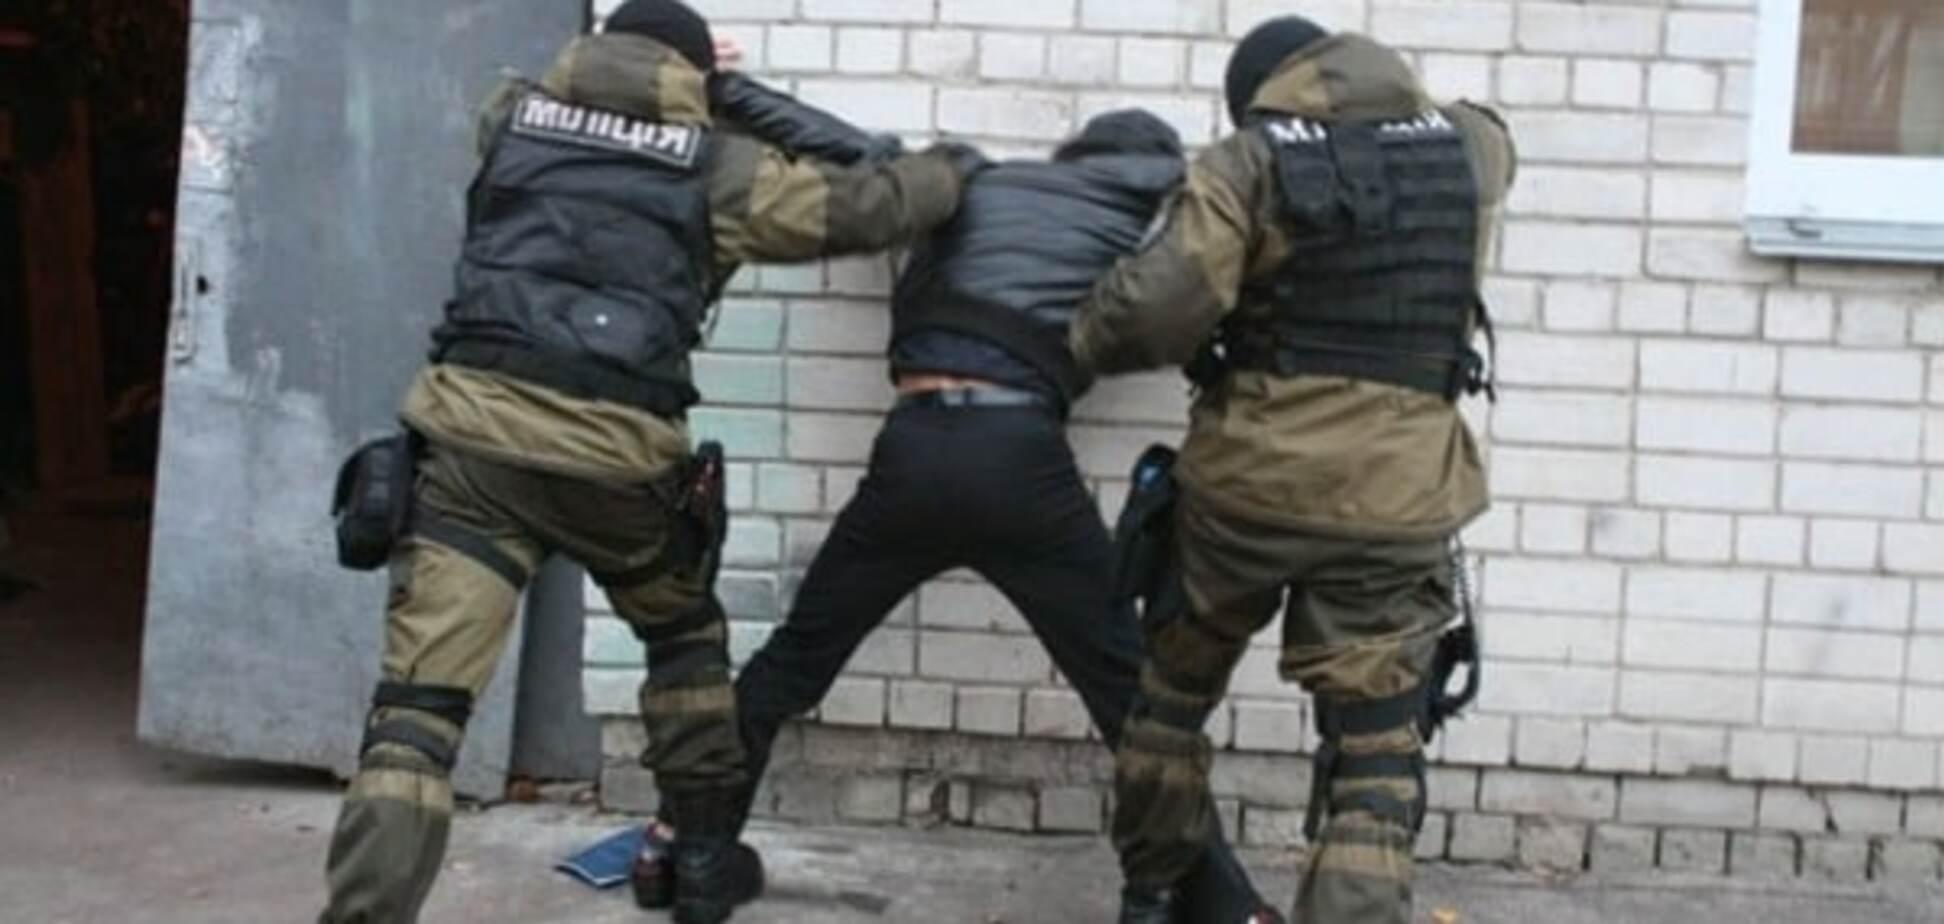 Происшествия, которые потрясли Киев в новом году: стрельба, пожары и жертвы мороза